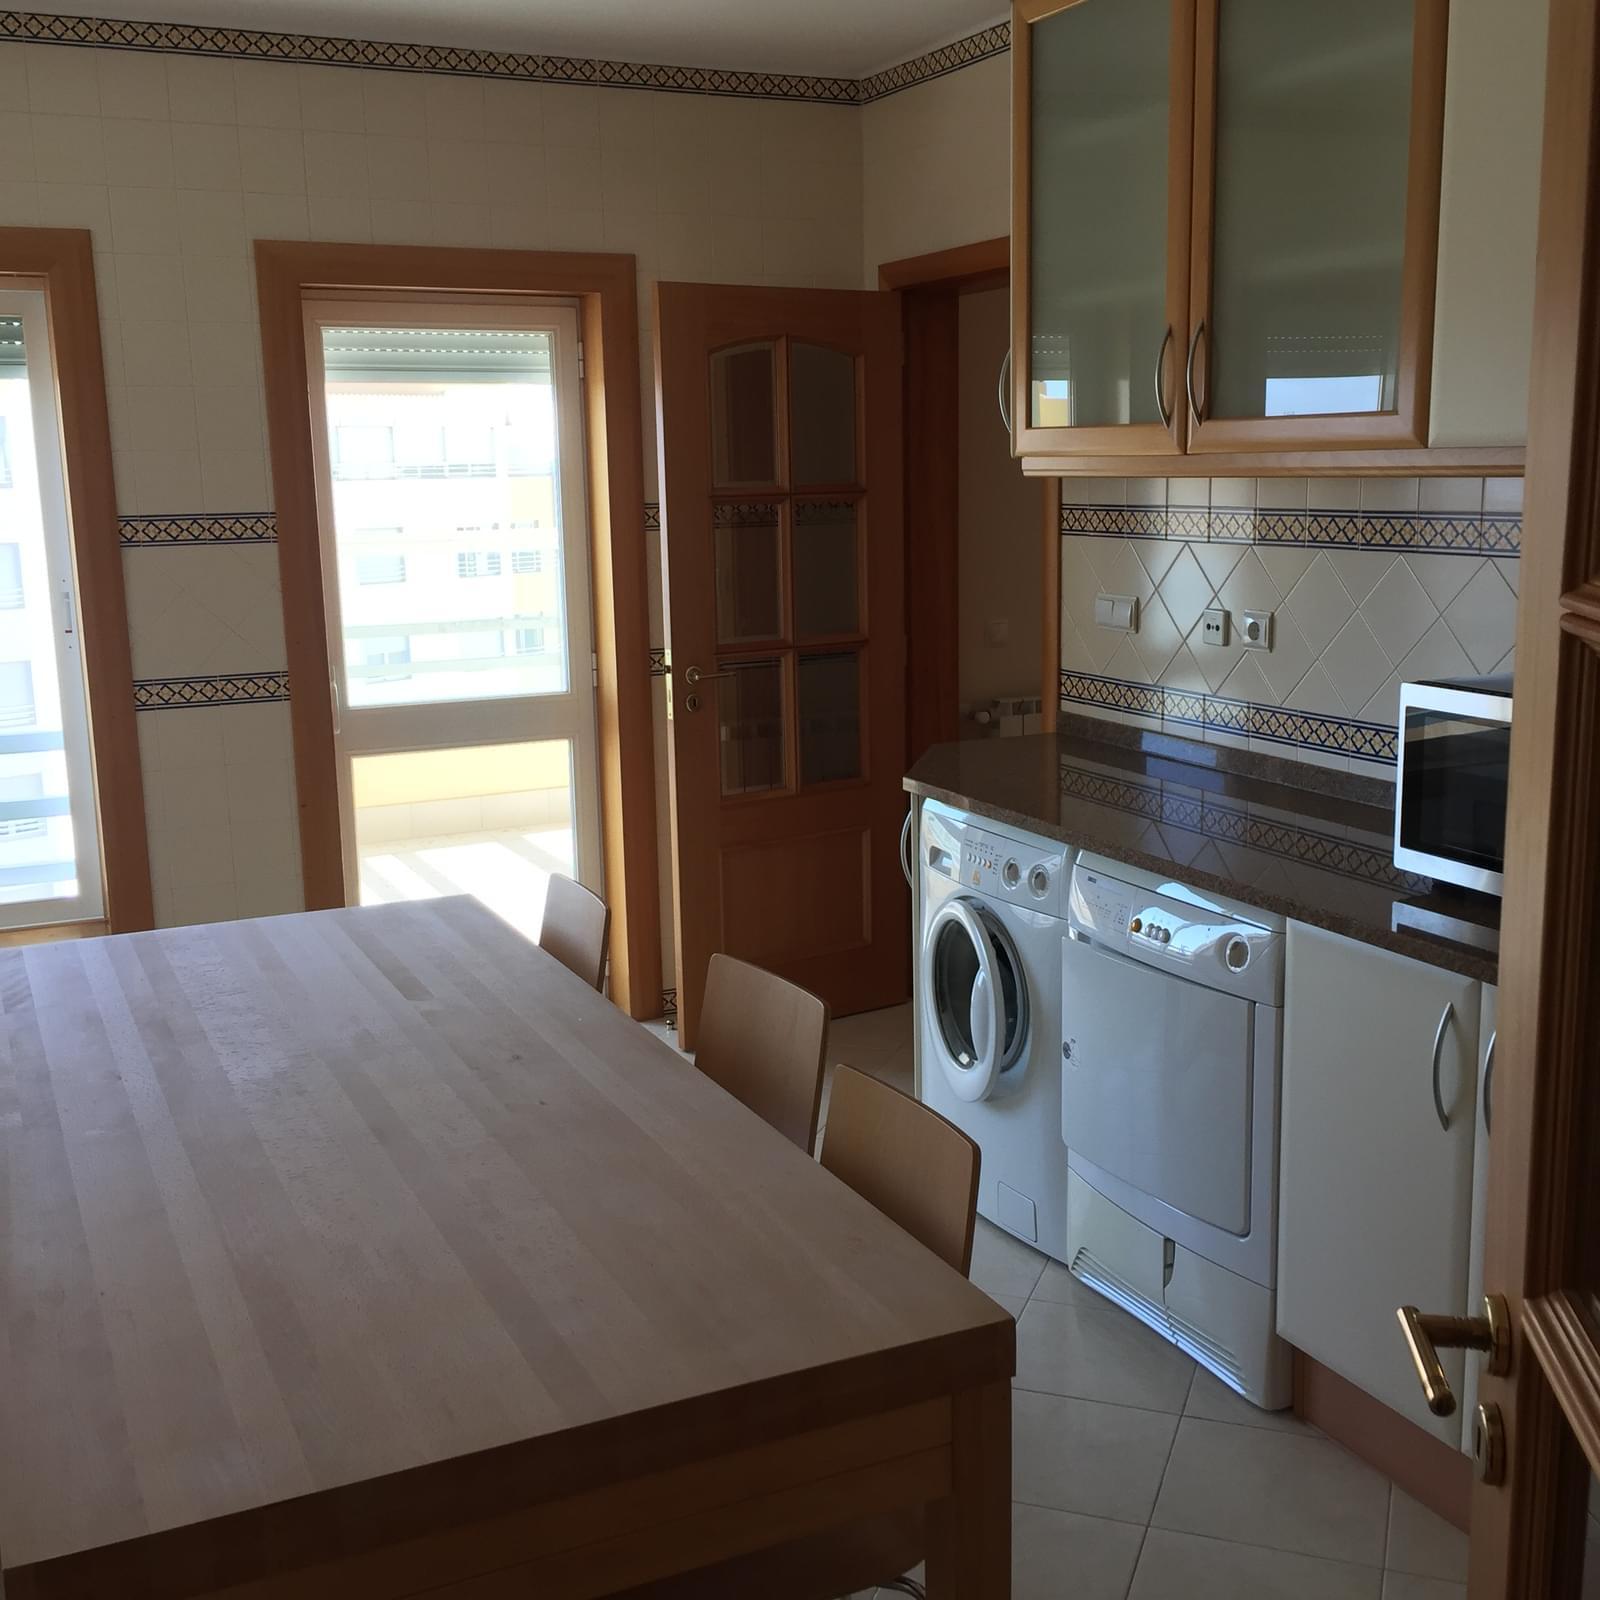 pf18450-apartamento-t3-cascais-e097e856-c84e-4845-8dc4-e00d77665e0a